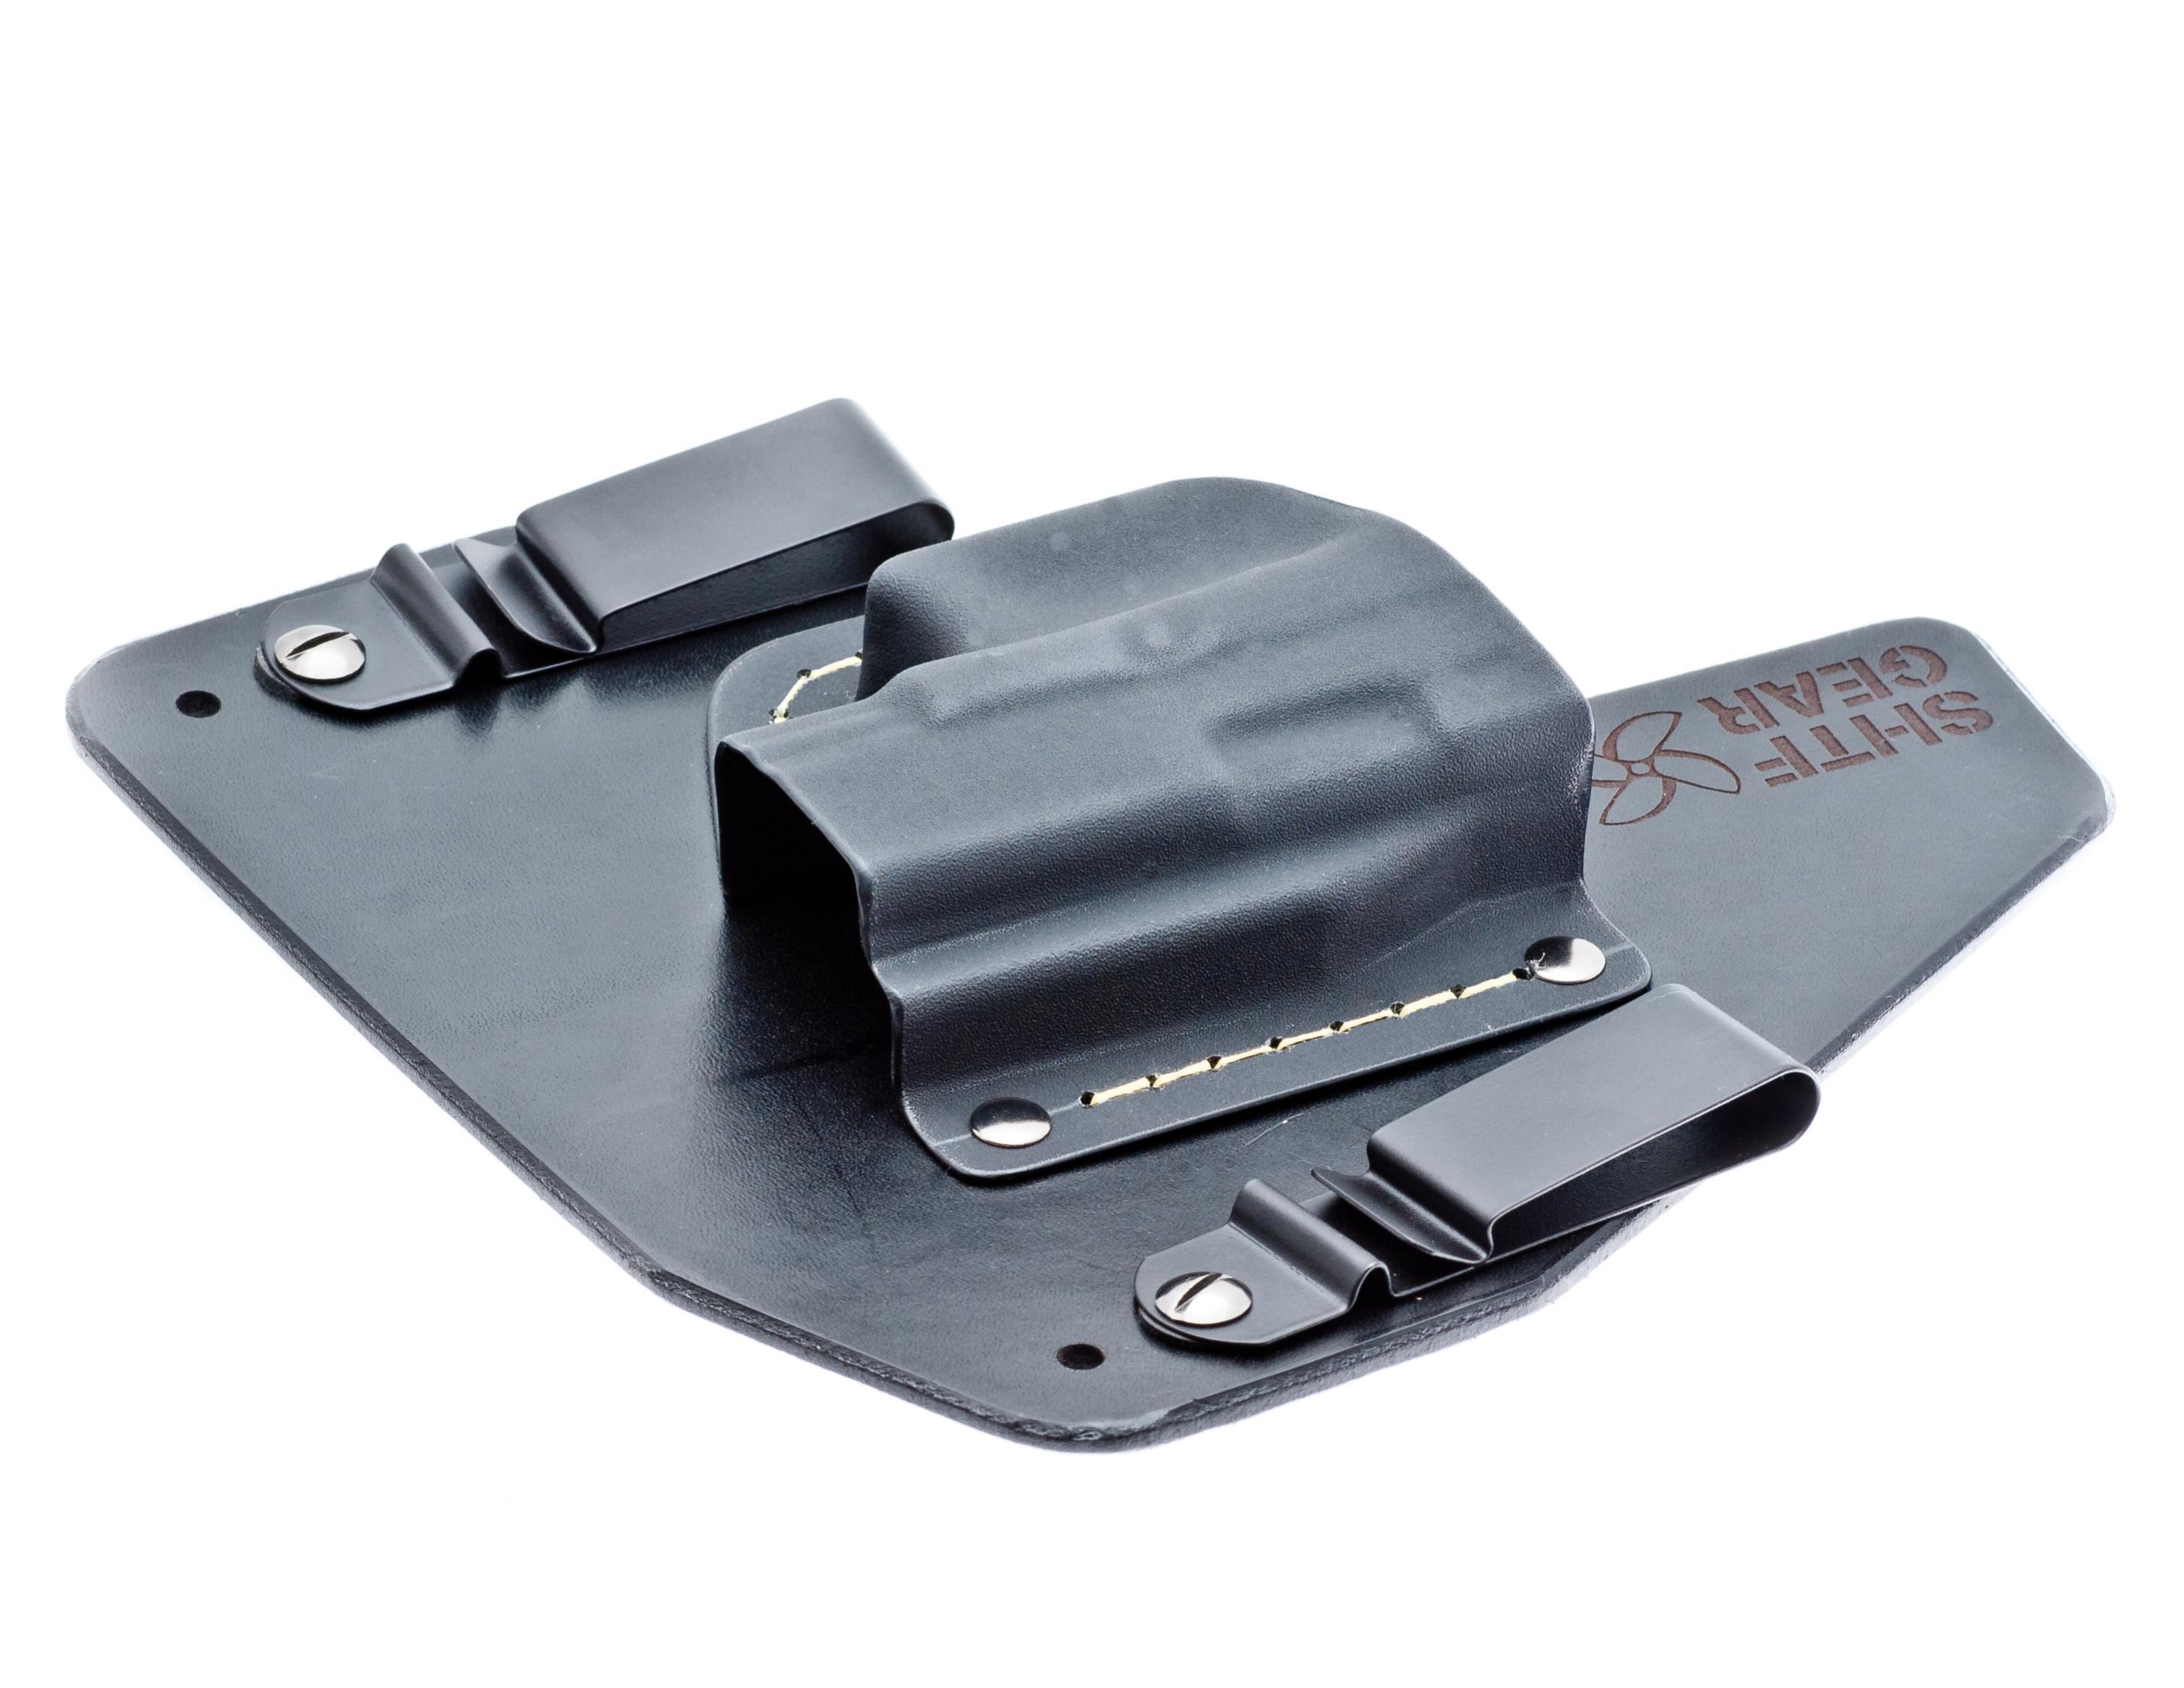 Leather VS Hybrid VS Kydex for G30-glock-22-2.jpg